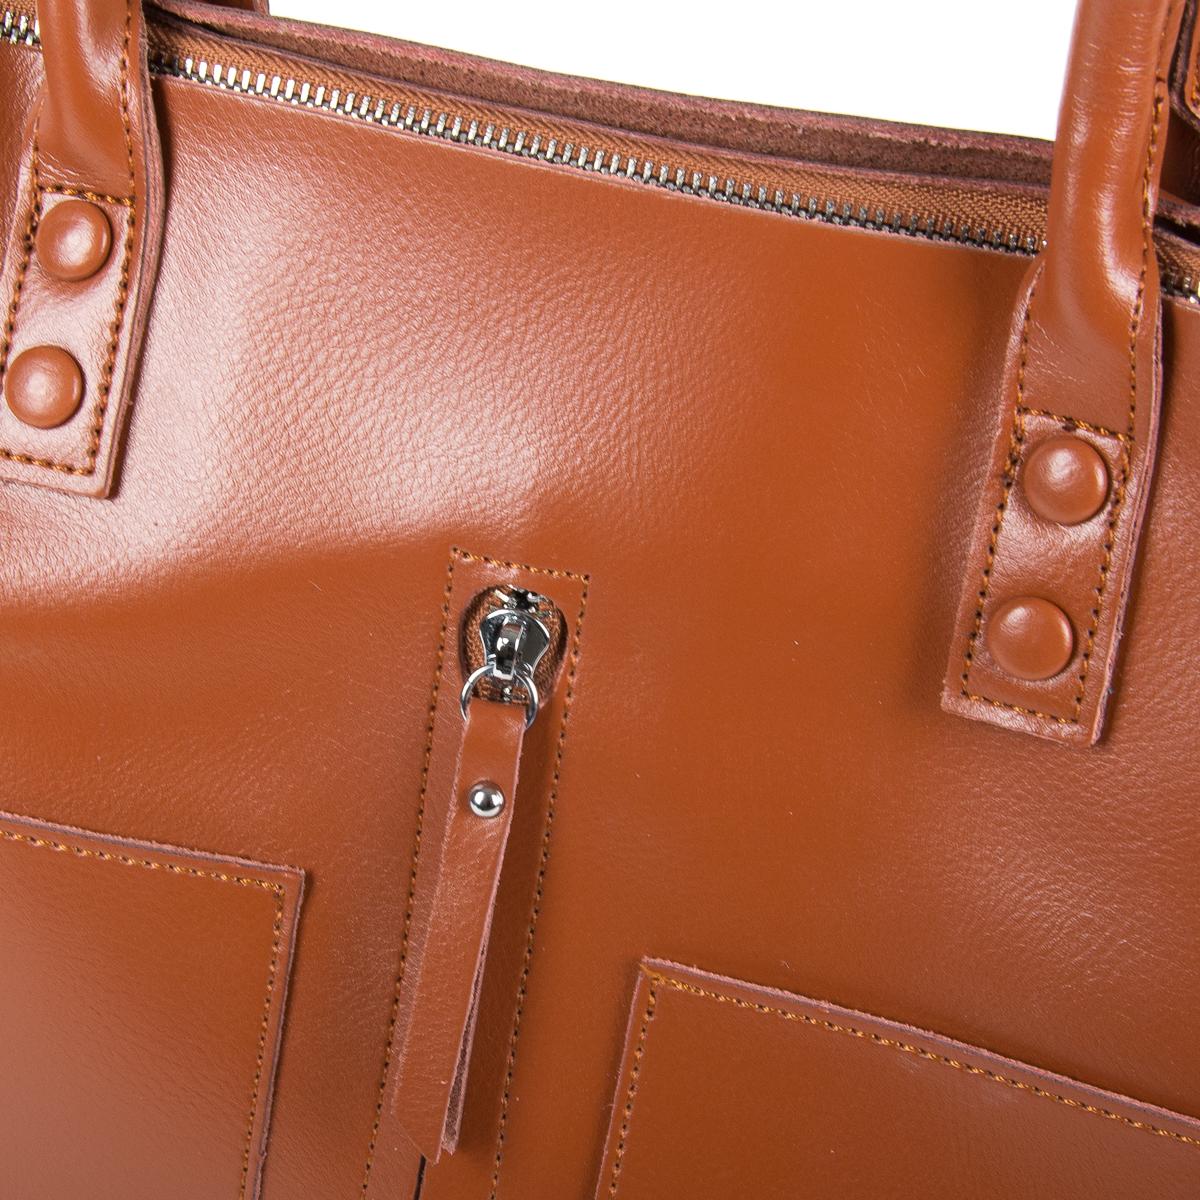 Сумка Женская Классическая кожа ALEX RAI 9-01 8776 yellowish-brown